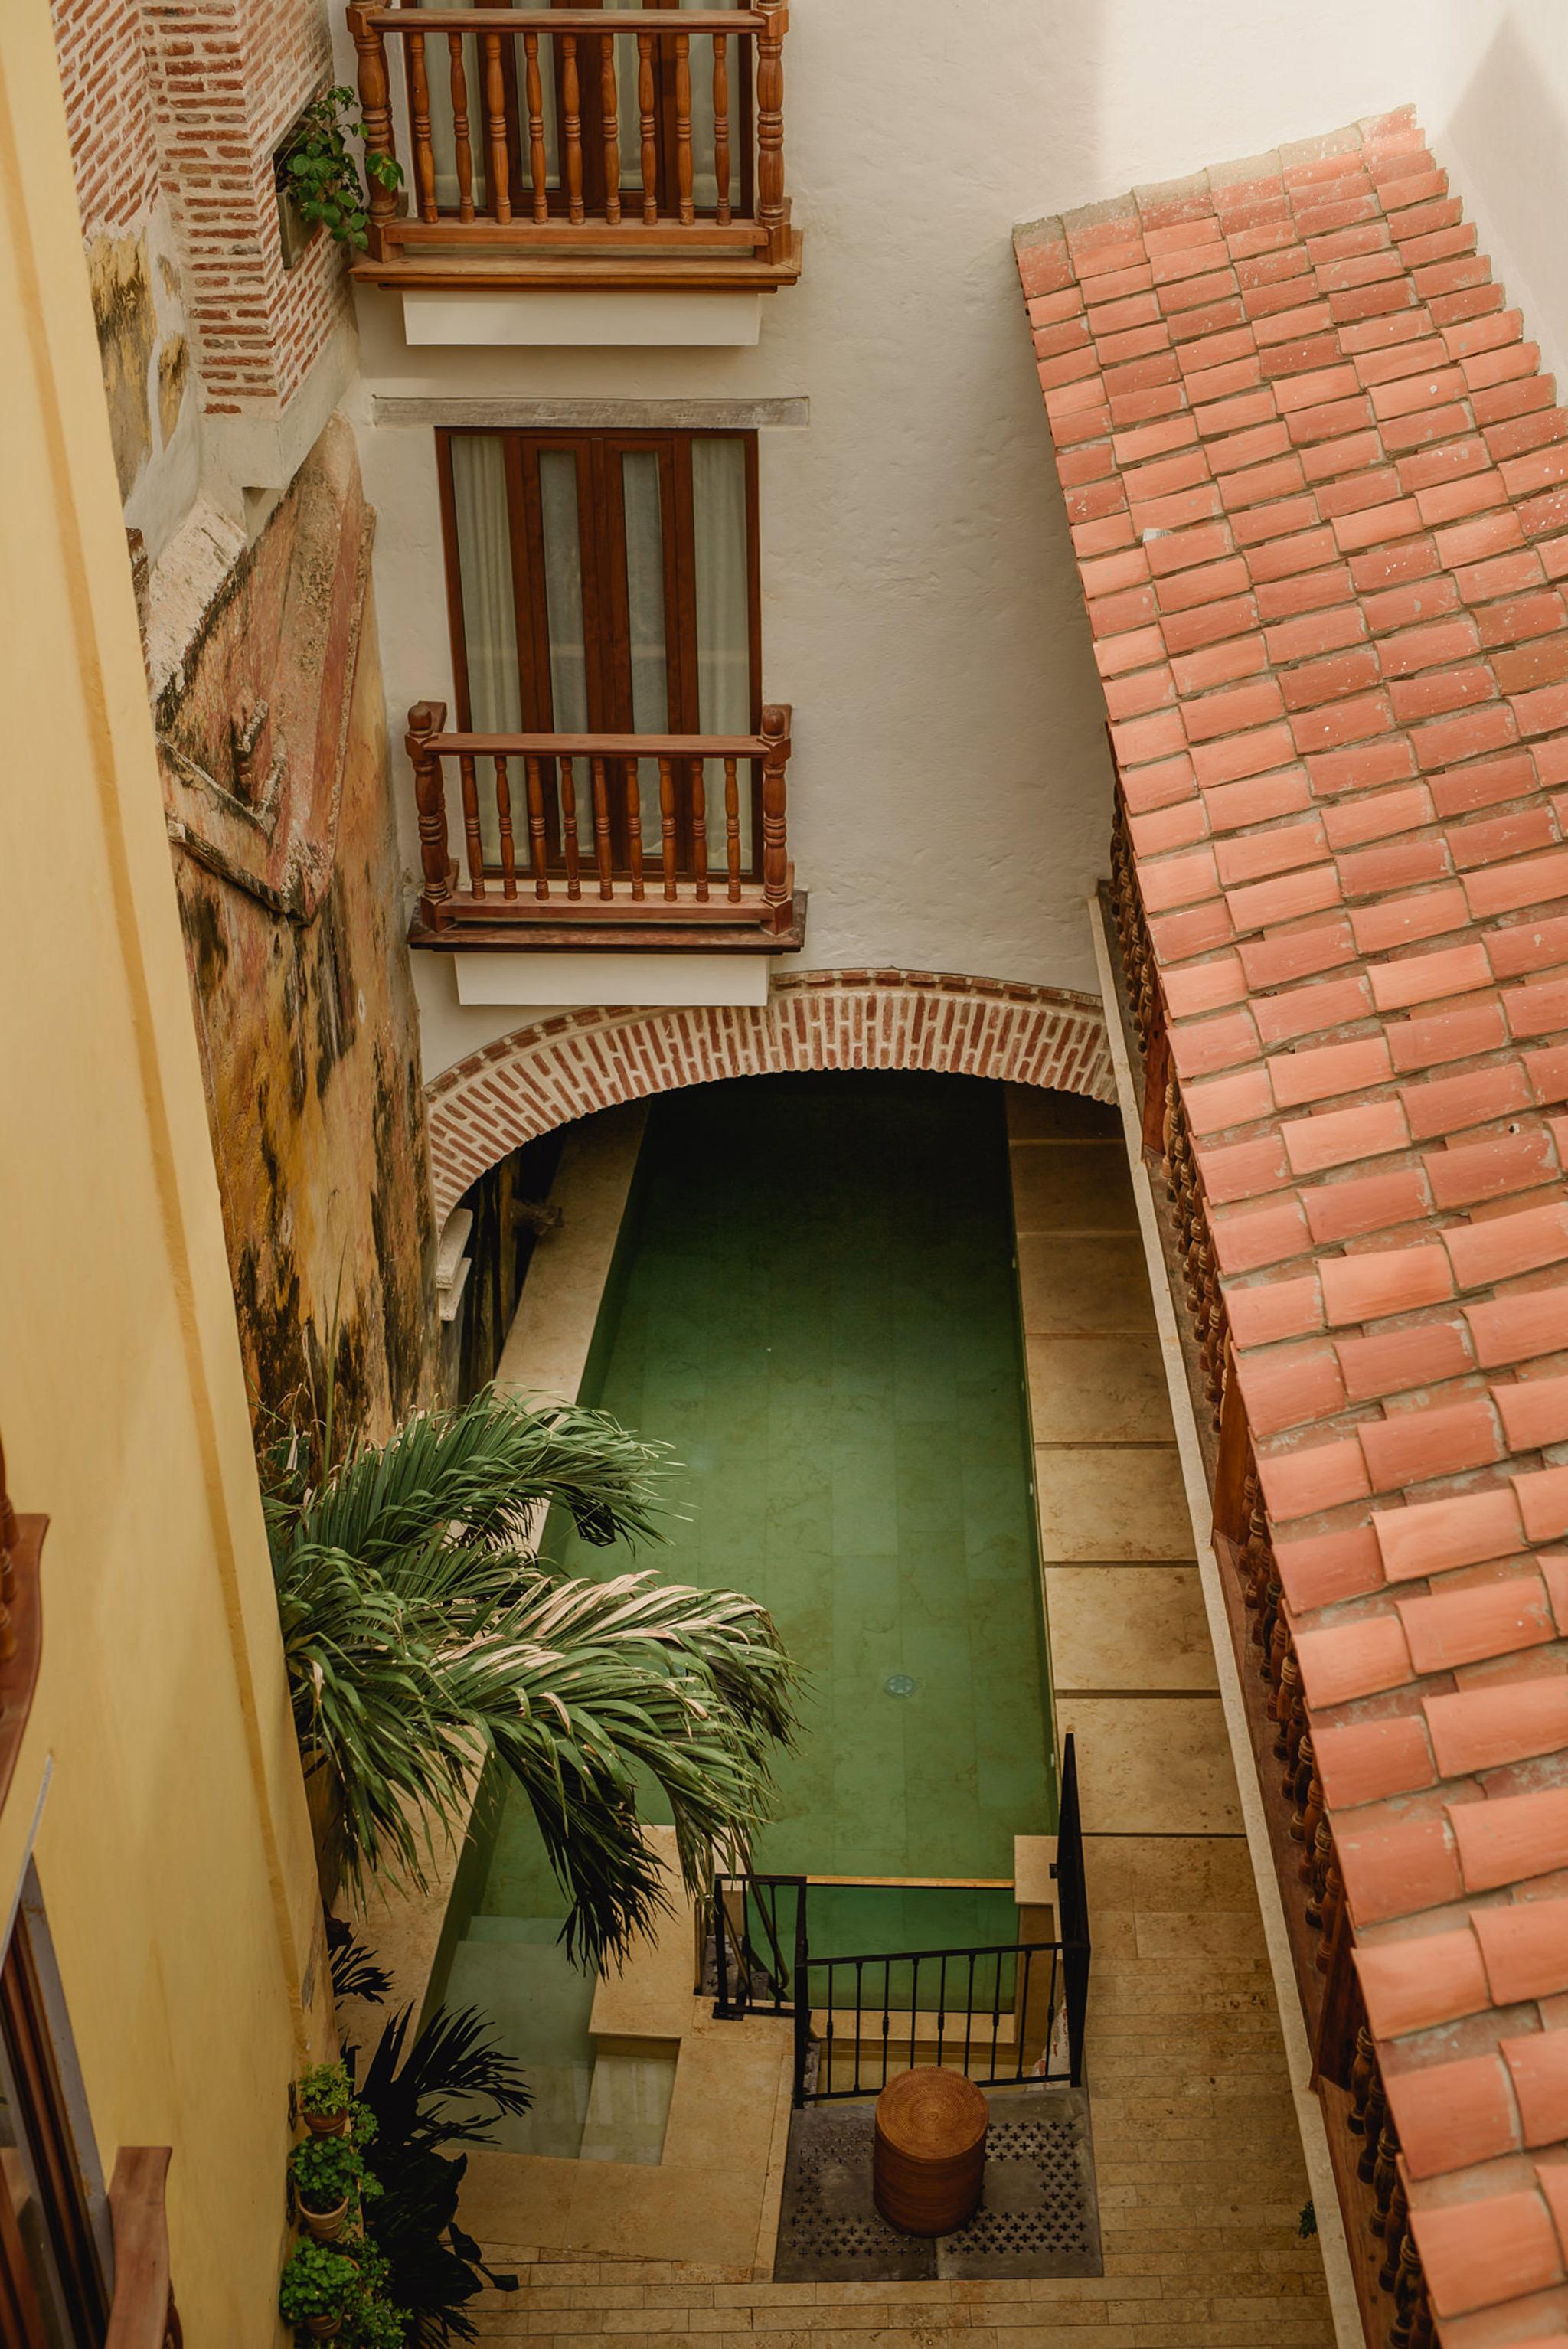 Hotel casa la factoria hoteles cartagena fotografia interior fot